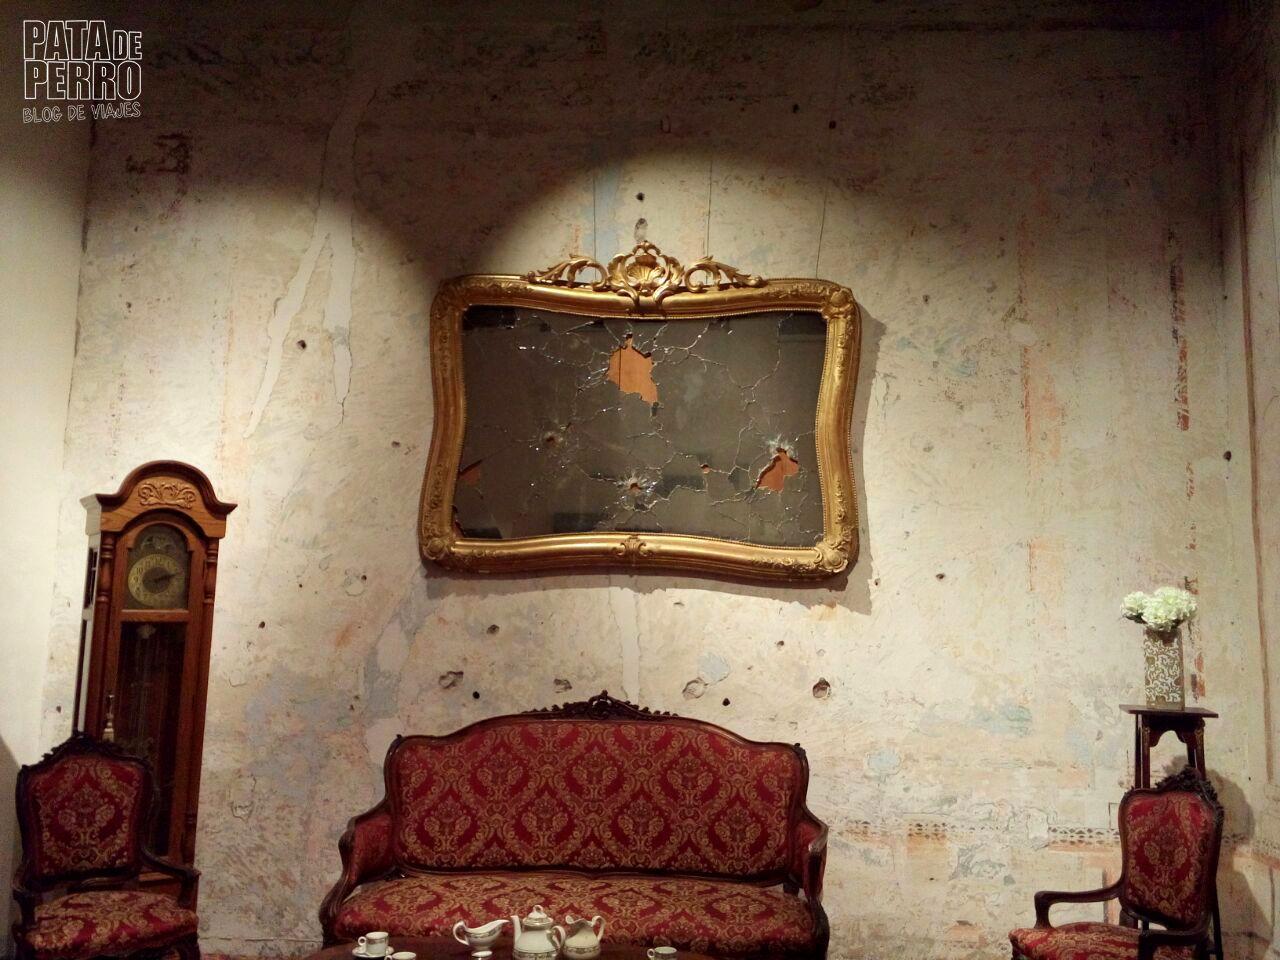 museo-regional-de-la-revolucion-mexicana-casa-de-los-hermanos-serdan-pata-de-perro-blog-de-viajes20